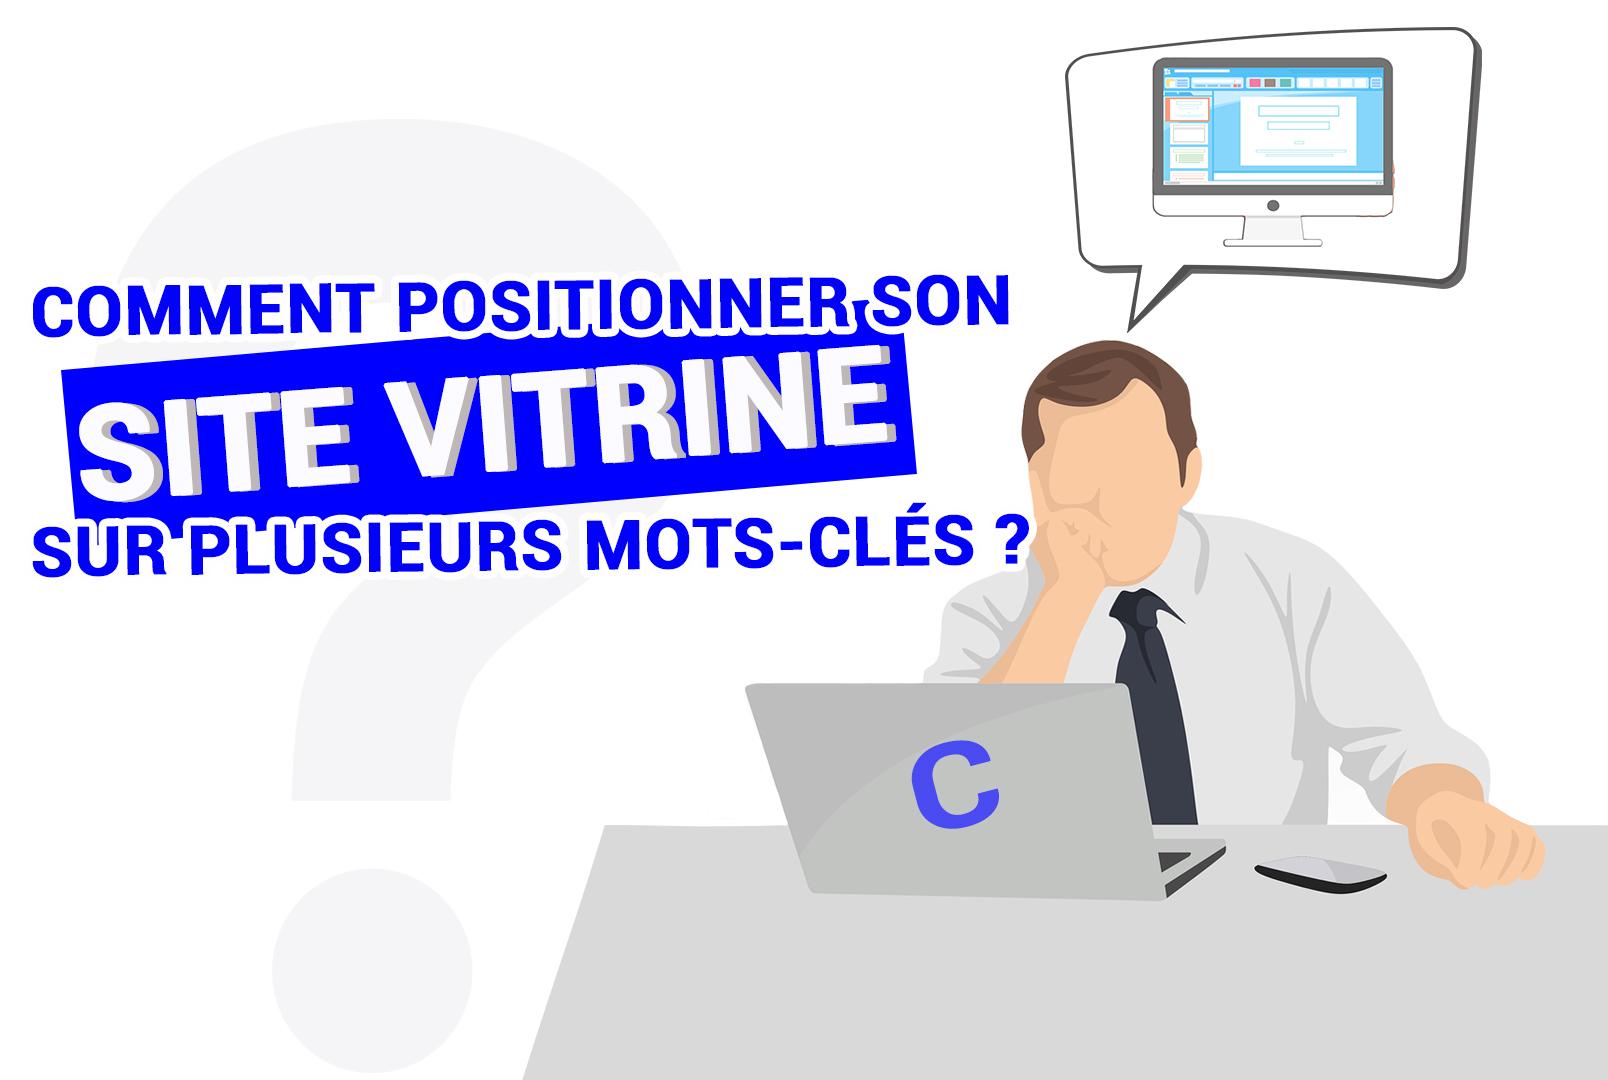 https://www.creawebagency.com/wp-content/uploads/2021/08/Comment-positionner-son-site-vitrine.jpg